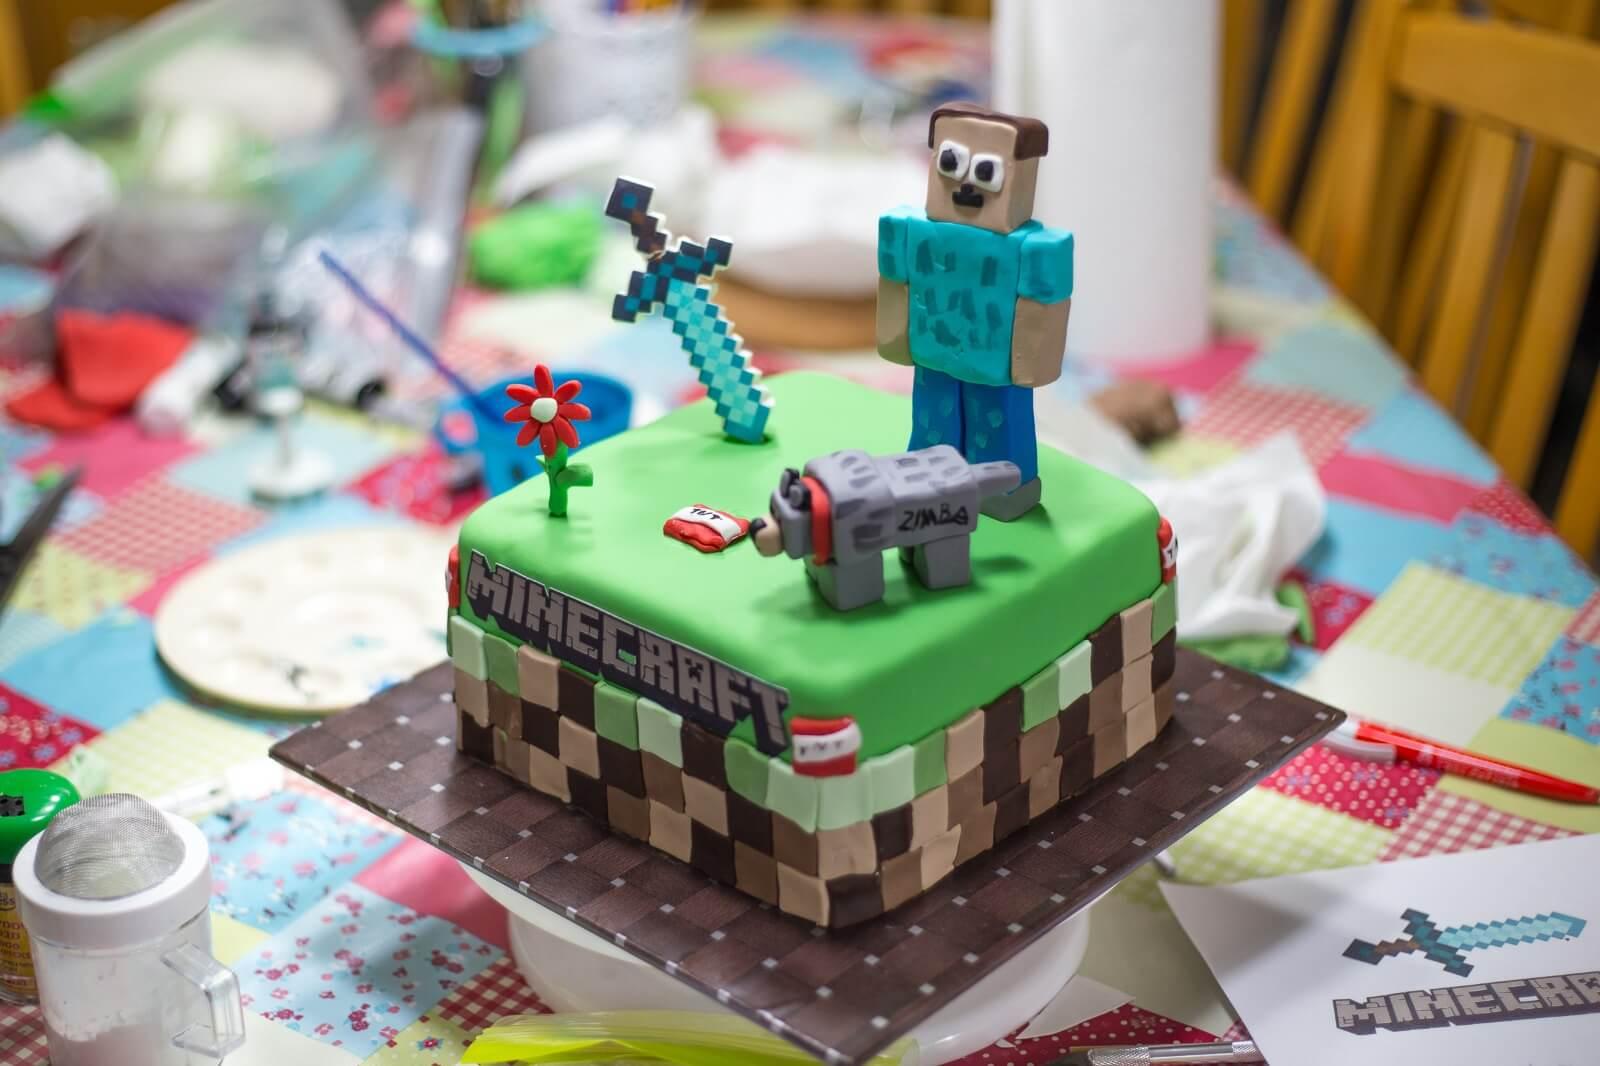 עוגת מיינקרפט יום הולדת לבן, לפי סקיצה בקשה אישית